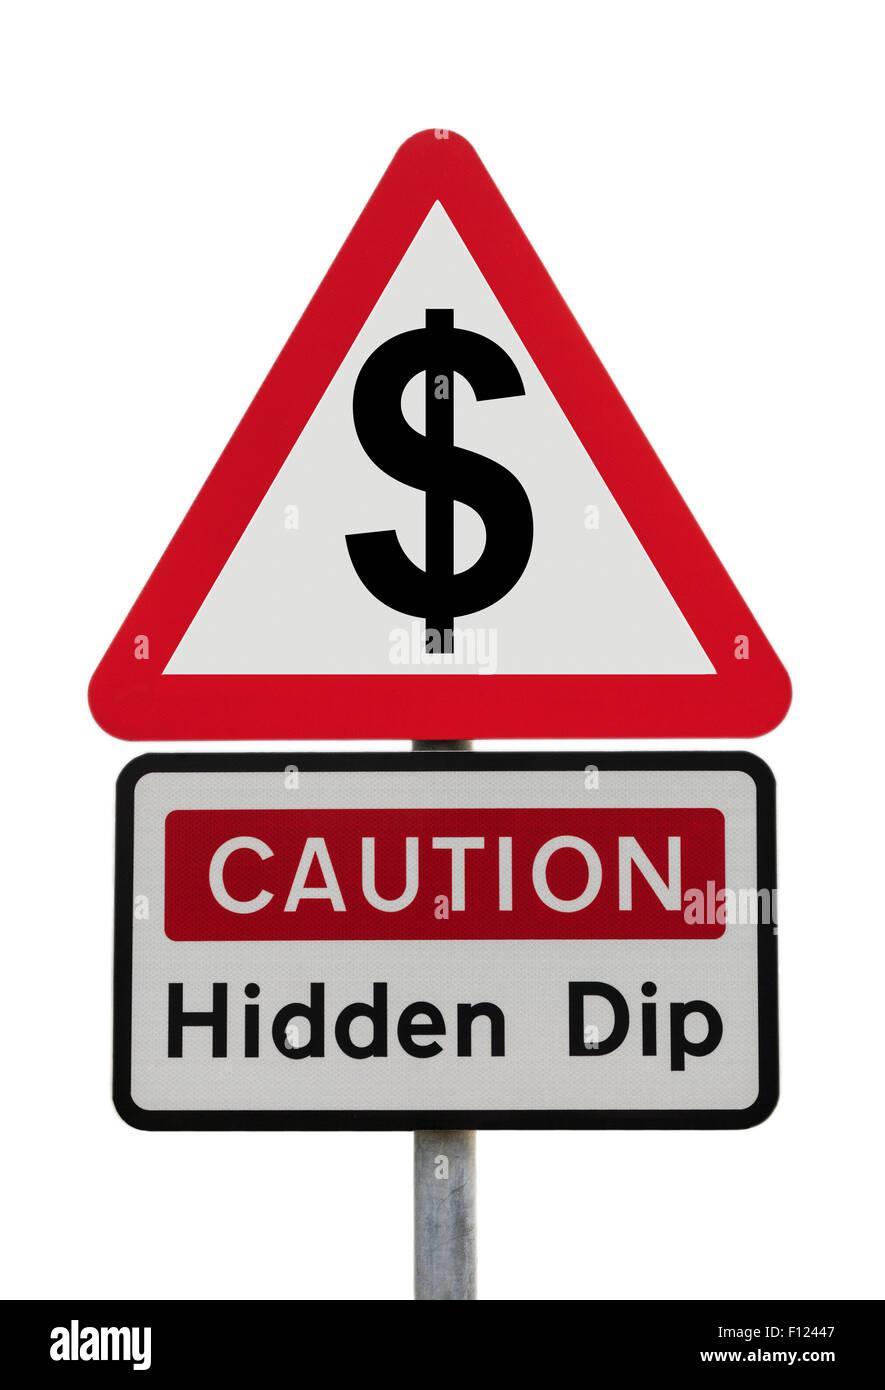 Signe de danger Avertissement Attention Triangle Dip cachés avec le signe du dollar pour illustrer l'avenir Photo Stock